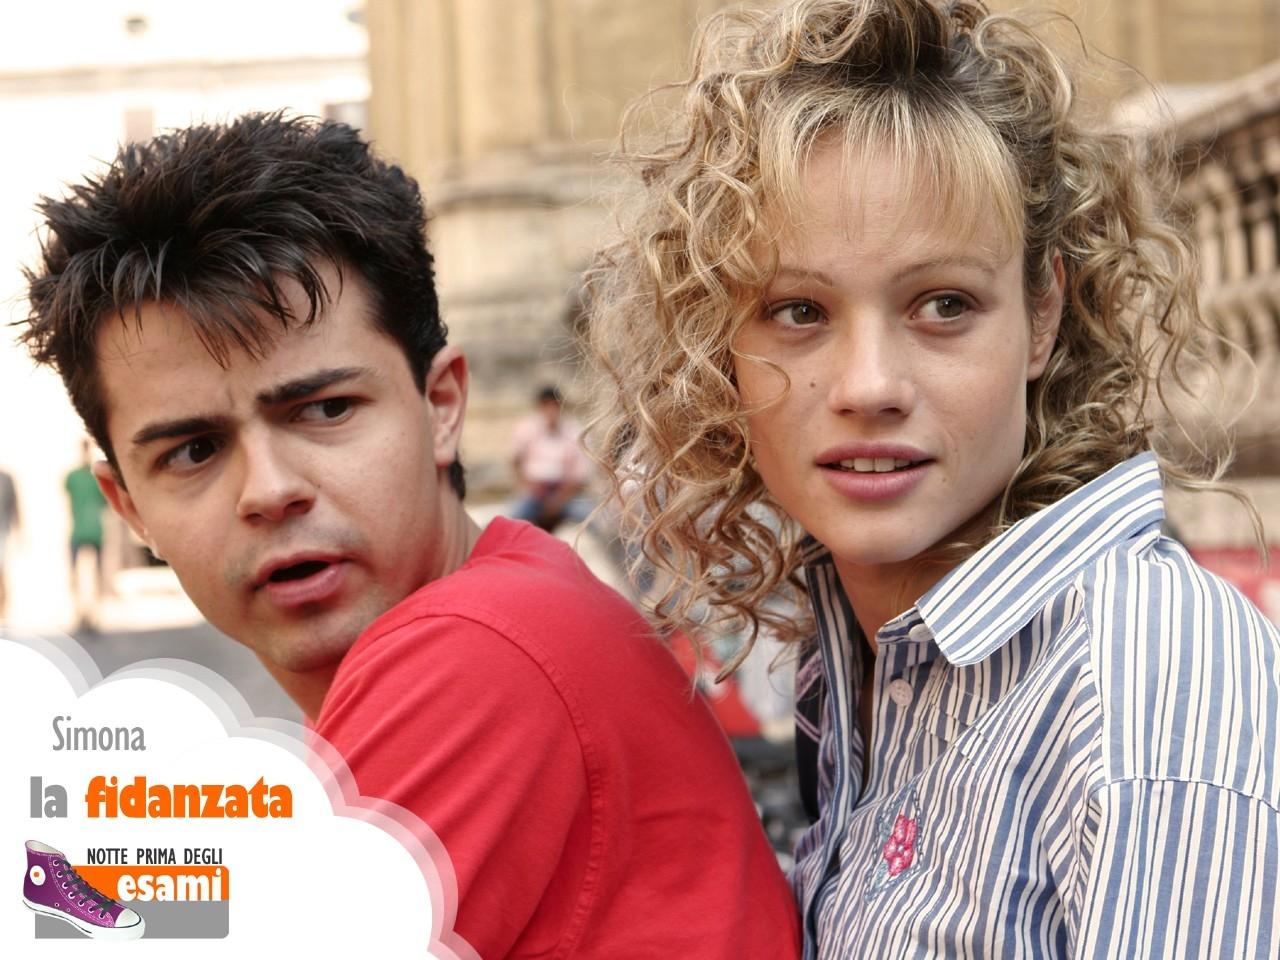 Wallpaper del film Notte prima degli esami con Andrea De Rosa e Chiara Mastalli